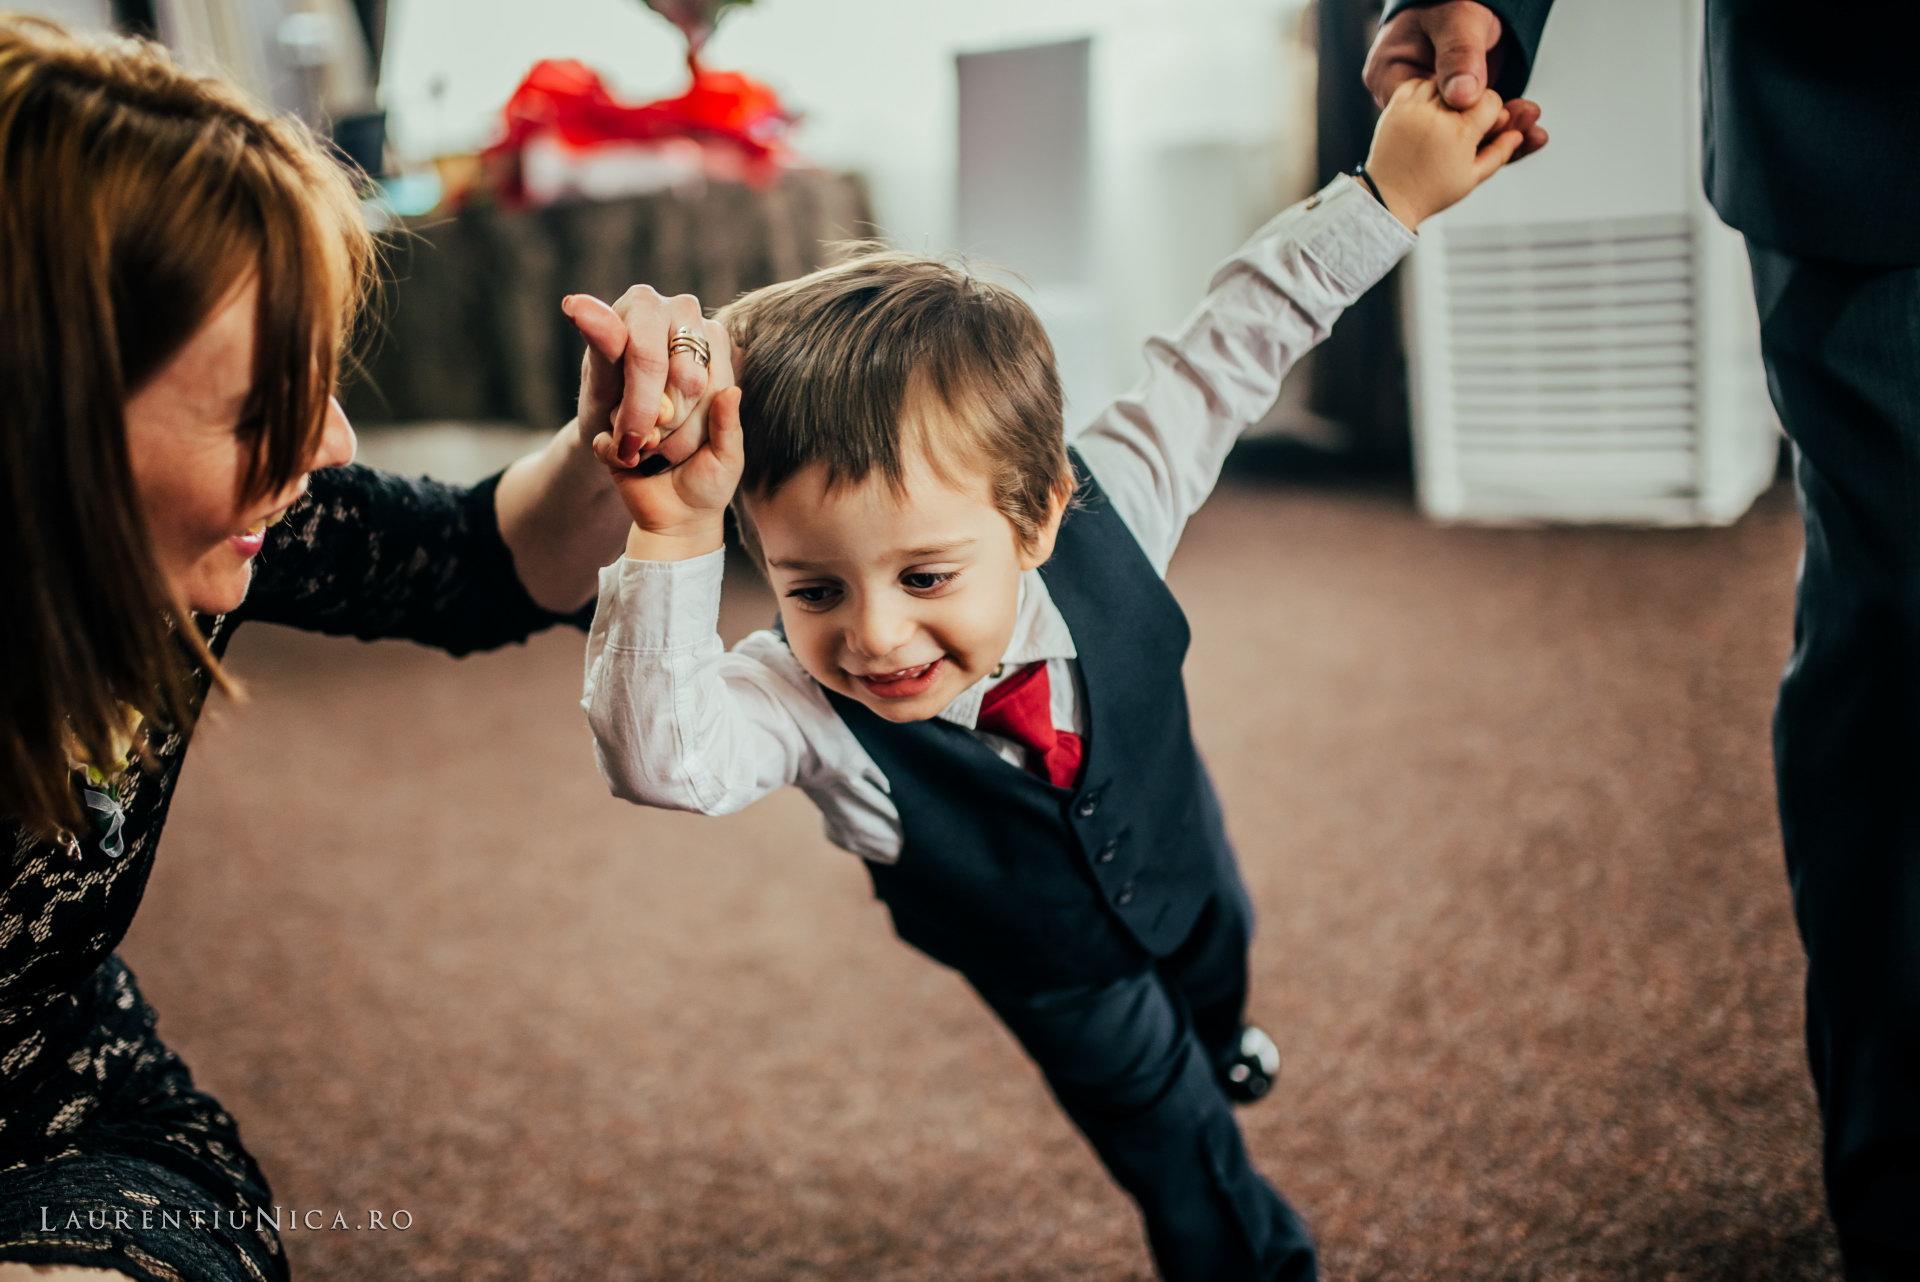 daniela si marius fotografii nunta craiova laurentiu nica20 - Daniela & Marius | Fotografii nunta